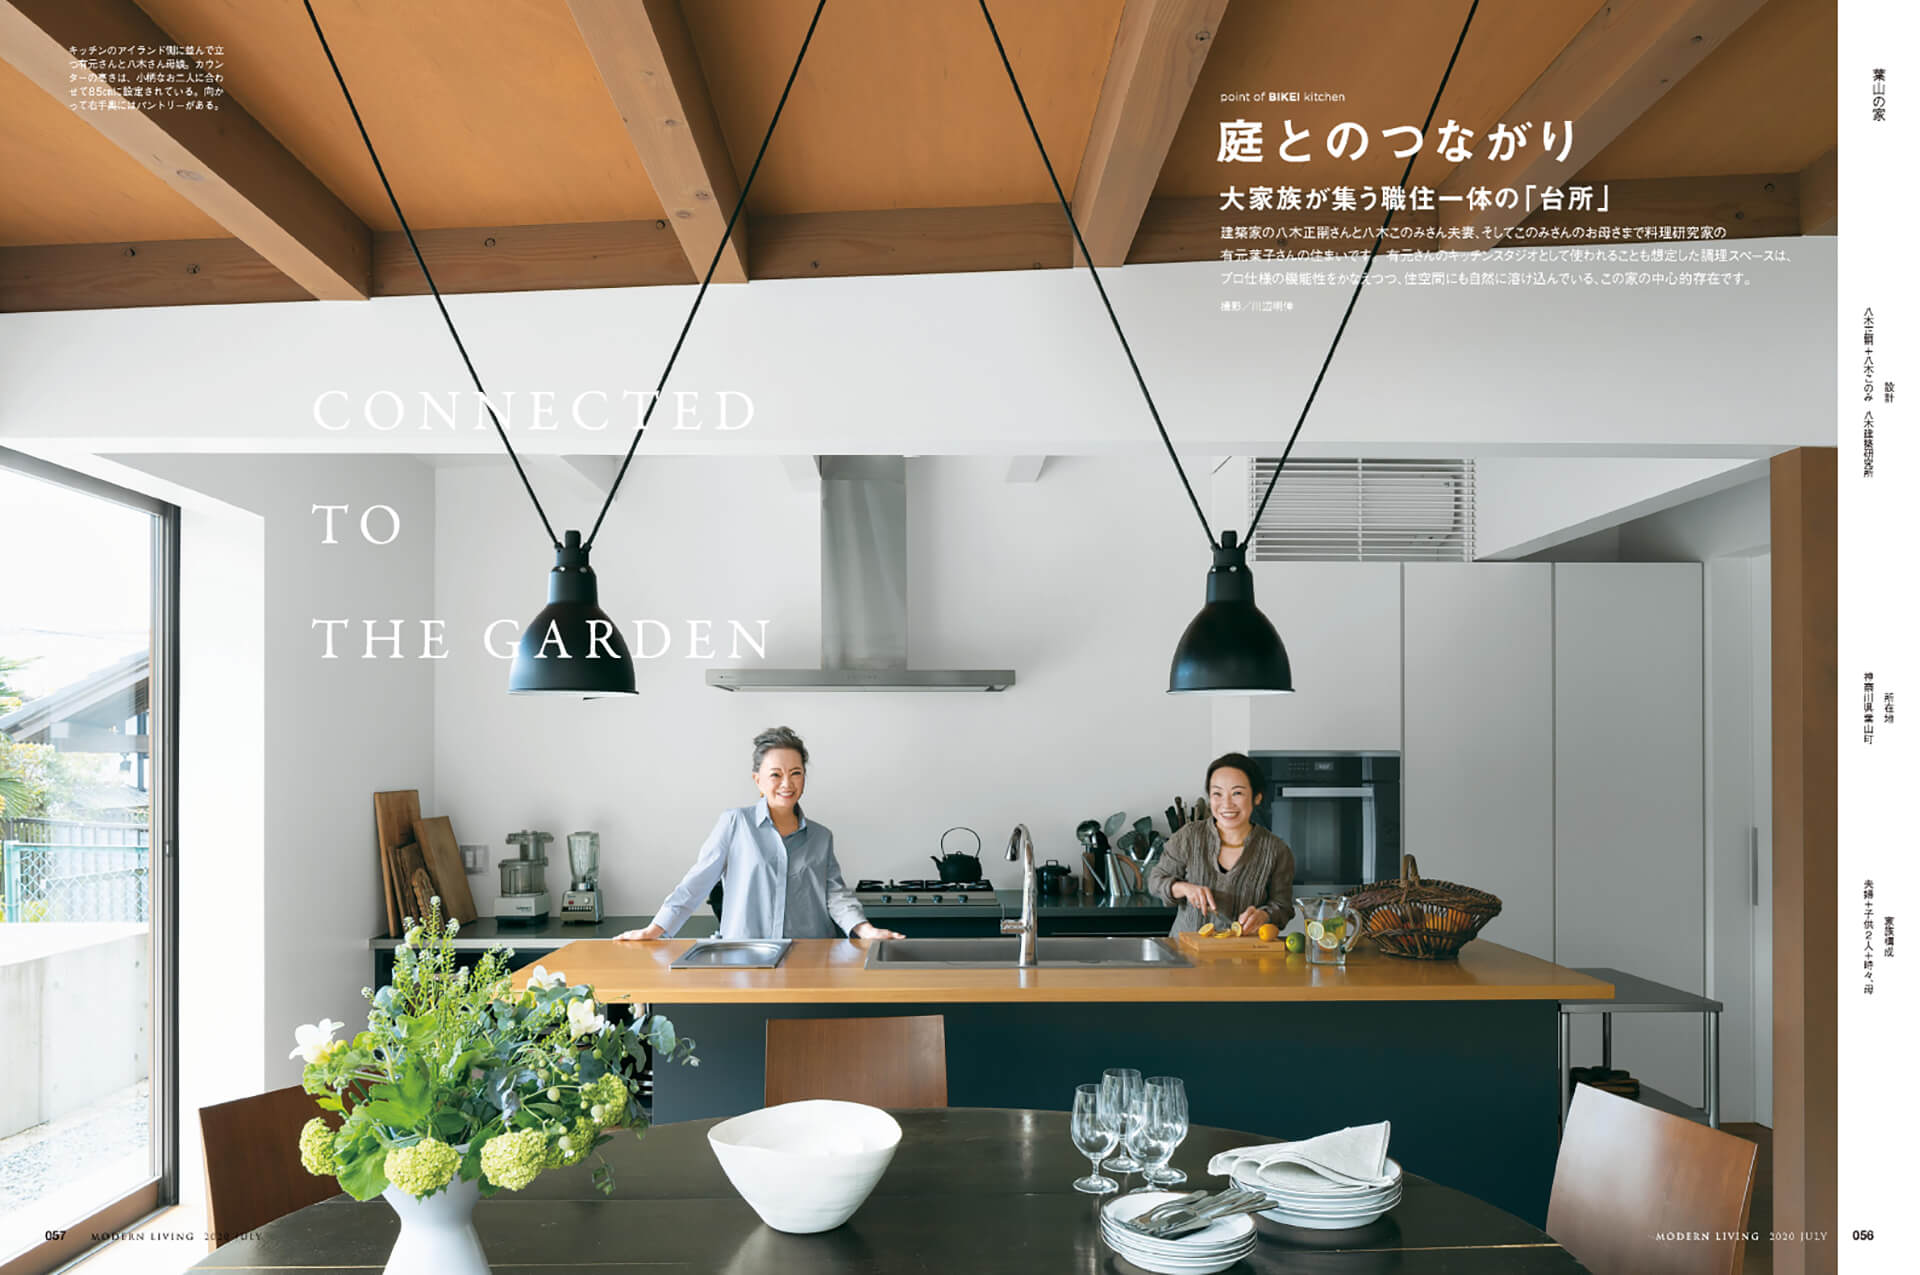 雑誌『モダンリビング』No251発売記念 オンライントークイベント